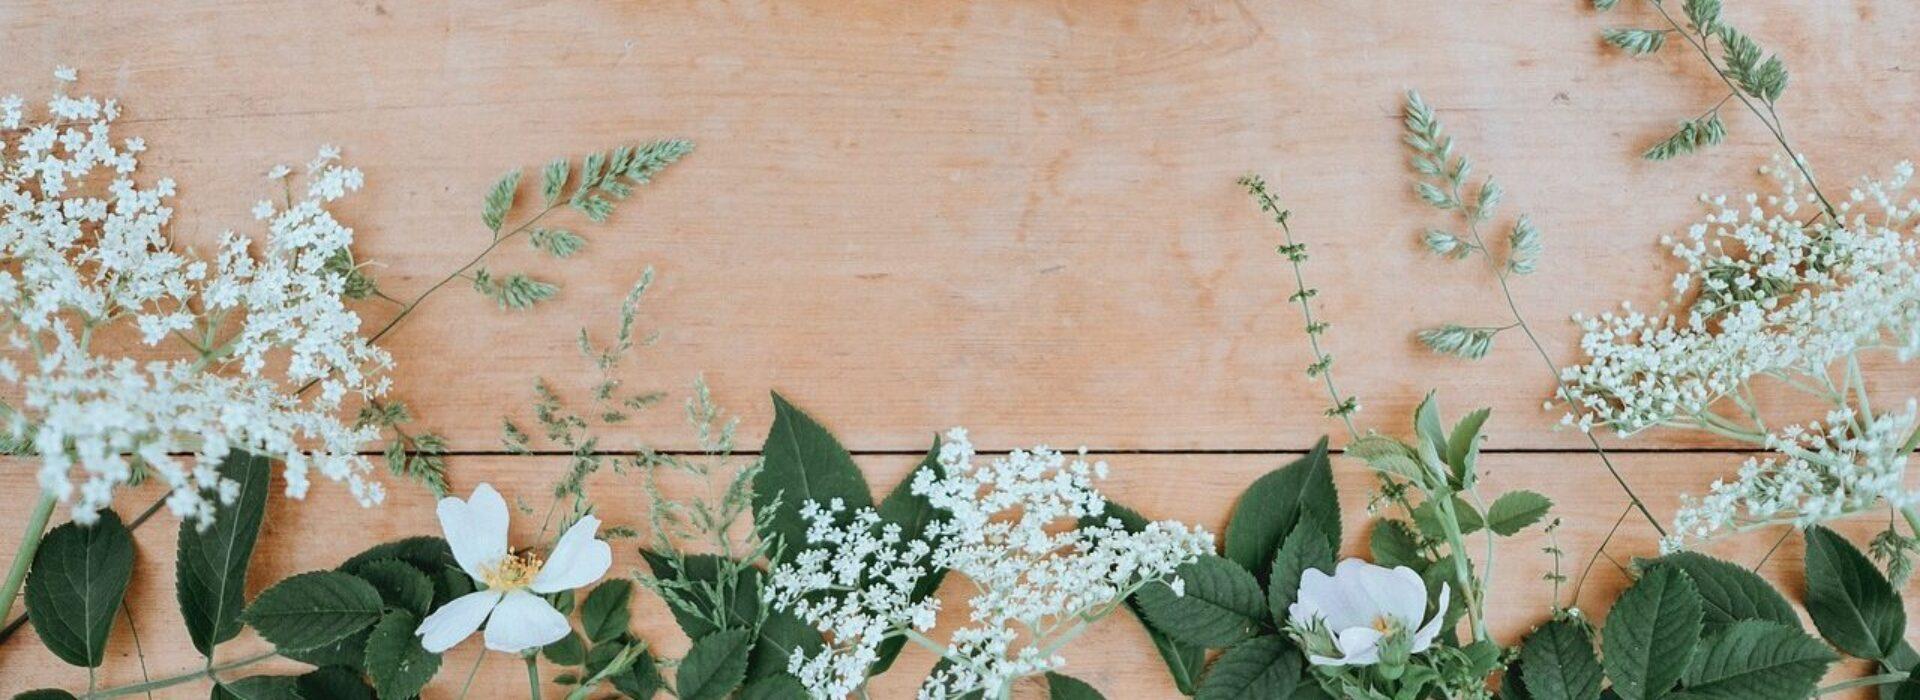 Holistische schoonheidssalon voor natuurlijke huidverbetering